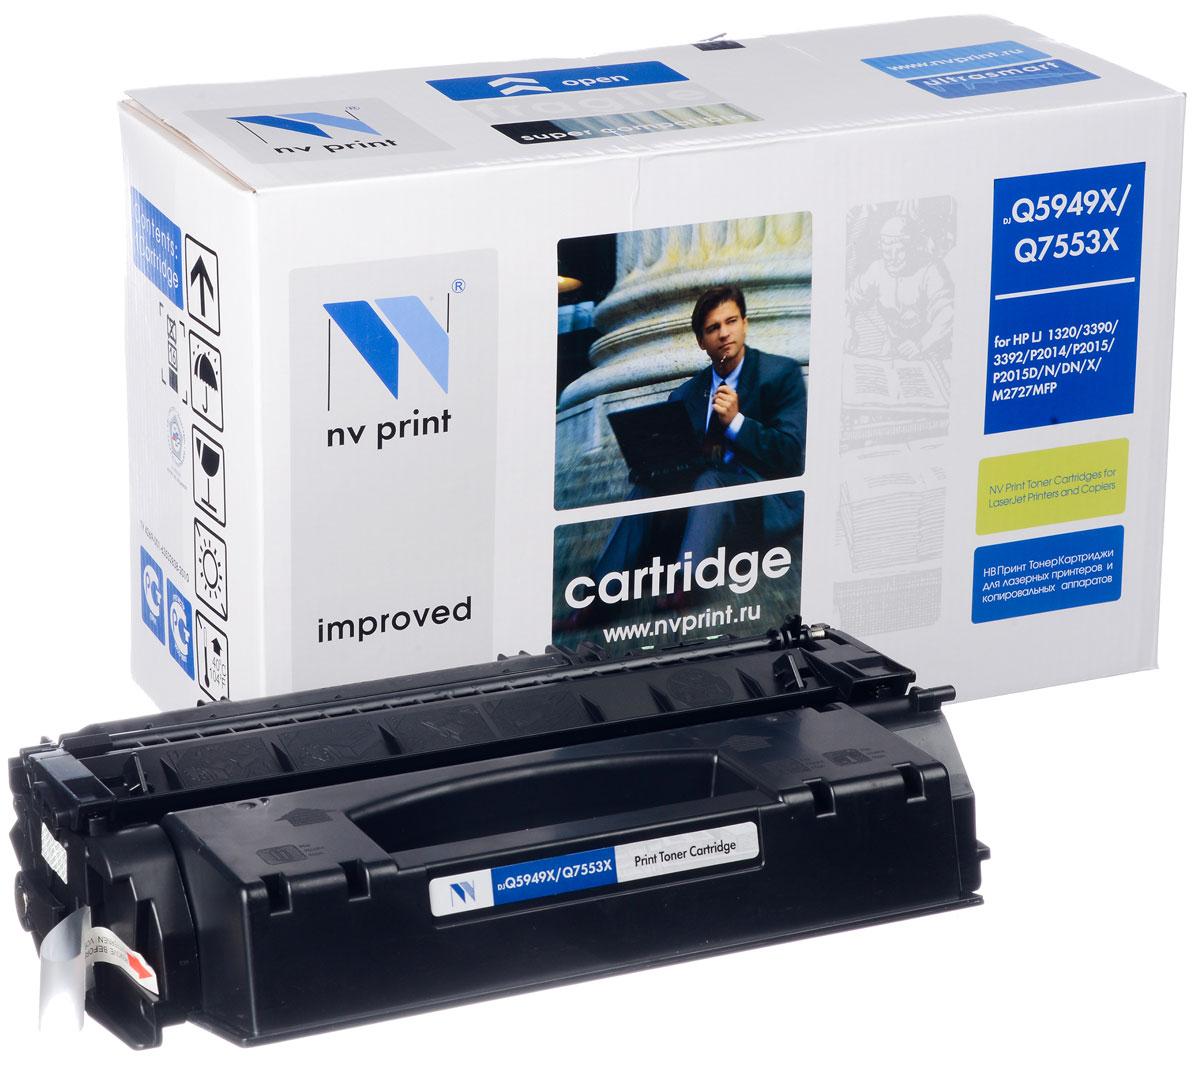 NV Print NV-Q5949X/Q7553X, Black тонер-картридж для HP LaserJet 1320/3390/3392/P2014/P2015/P2015N/P2015D/P2015DN/P2015X/M2727MFPNV-Q5949X/Q7553XСовместимый лазерный картридж NV Print NV-Q5949X/Q7553X для печатающих устройств HP - это альтернатива приобретению оригинальных расходных материалов. При этом качество печати остается высоким. Картридж обеспечивает повышенную чёткость чёрного текста и плавность переходов оттенков серого цвета и полутонов, позволяет отображать мельчайшие детали изображения. Лазерные принтеры, копировальные аппараты и МФУ являются более выгодными в печати, чем струйные устройства, так как лазерных картриджей хватает на значительно большее количество отпечатков, чем обычных. Для печати в данном случае используются не чернила, а тонер.